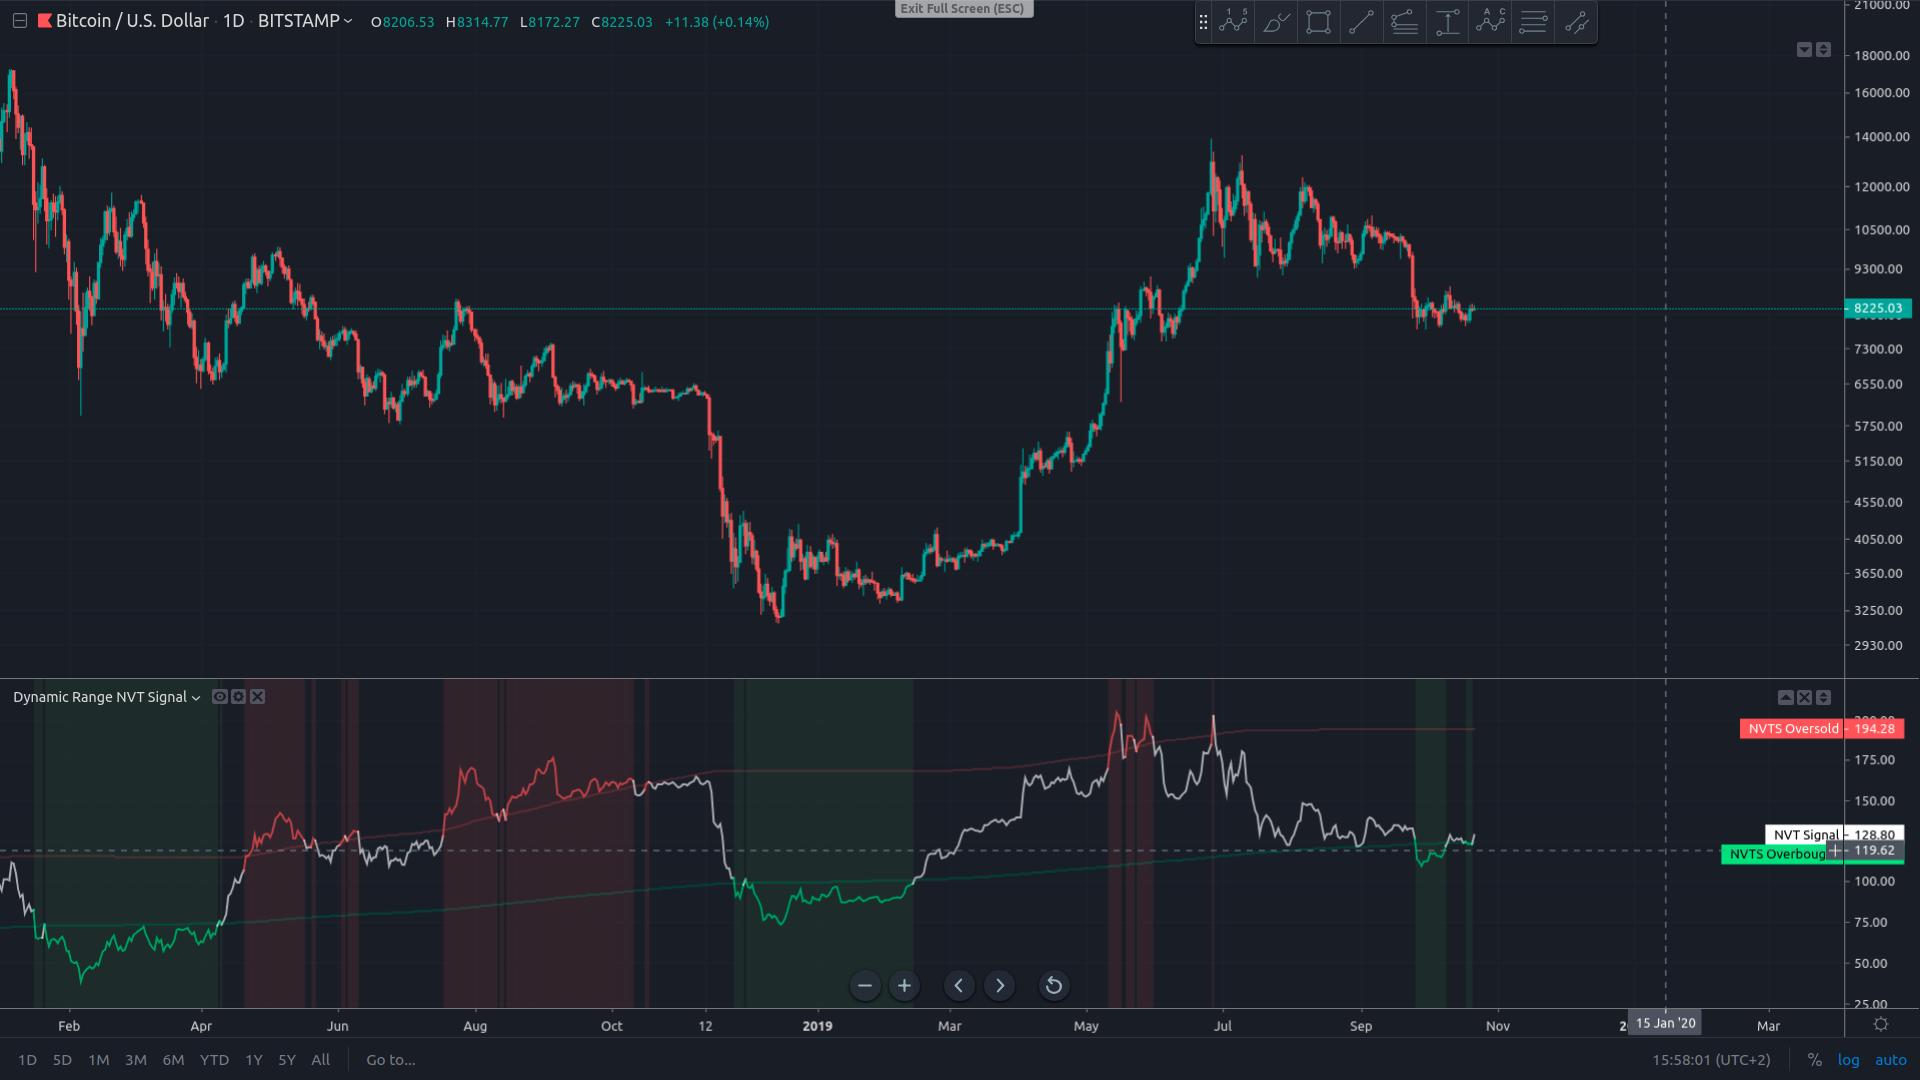 Обзор рынка криптовалют 22 октября 2019